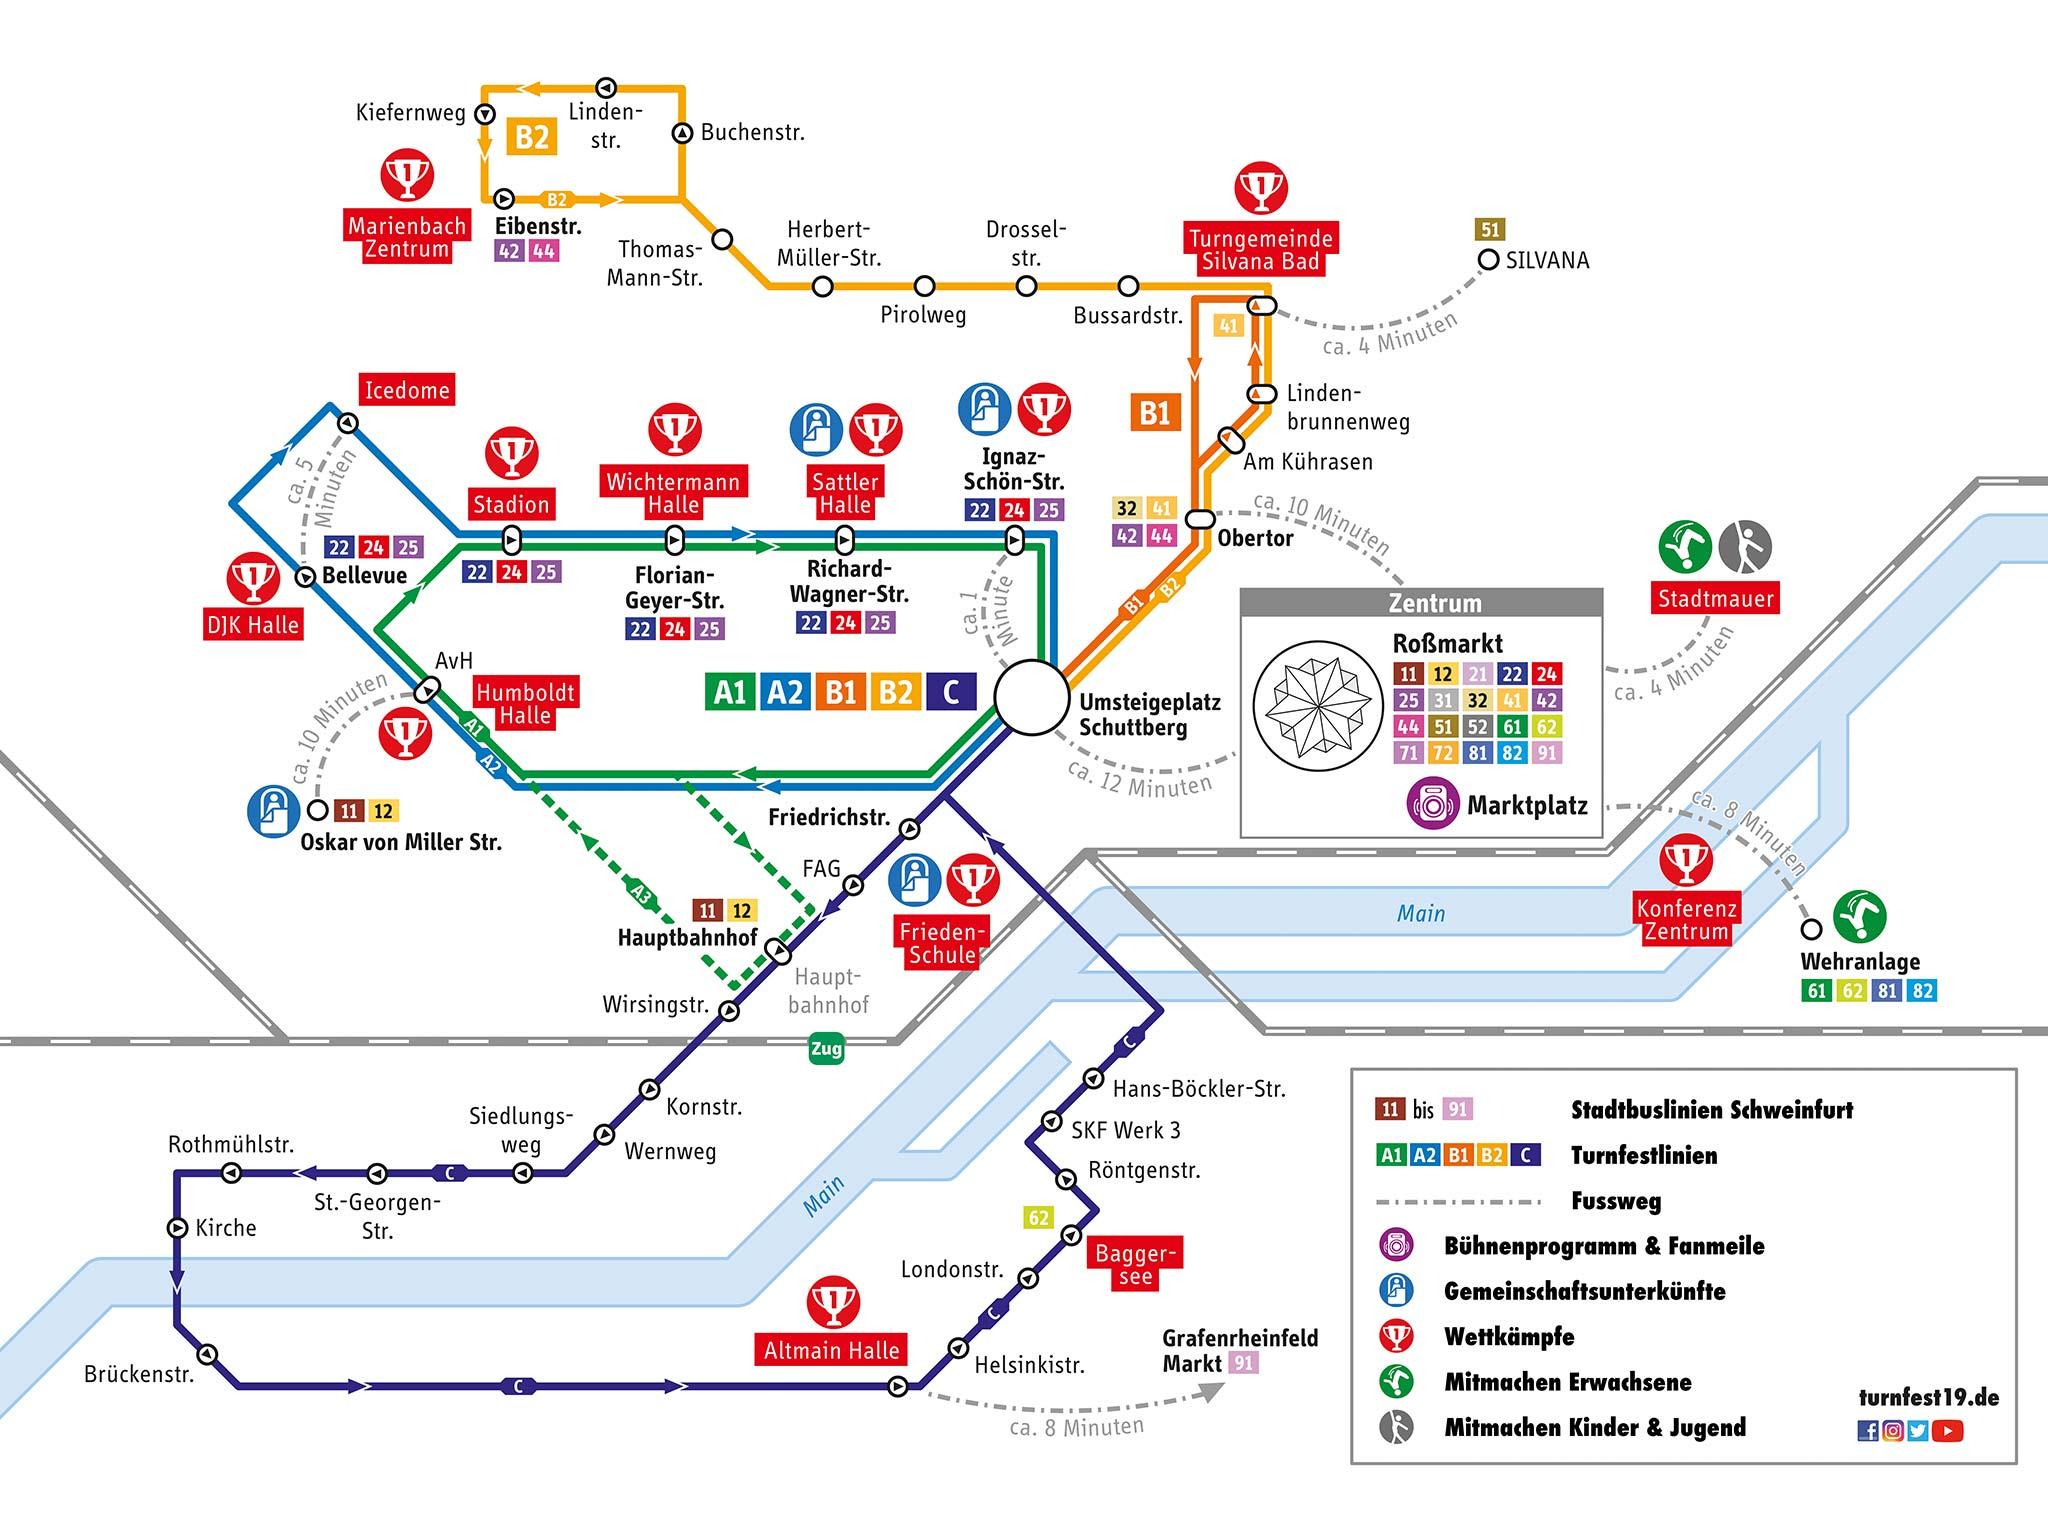 Netzplan der Turnfestlinien. Grafik: Stadtwerke Schweinfurt